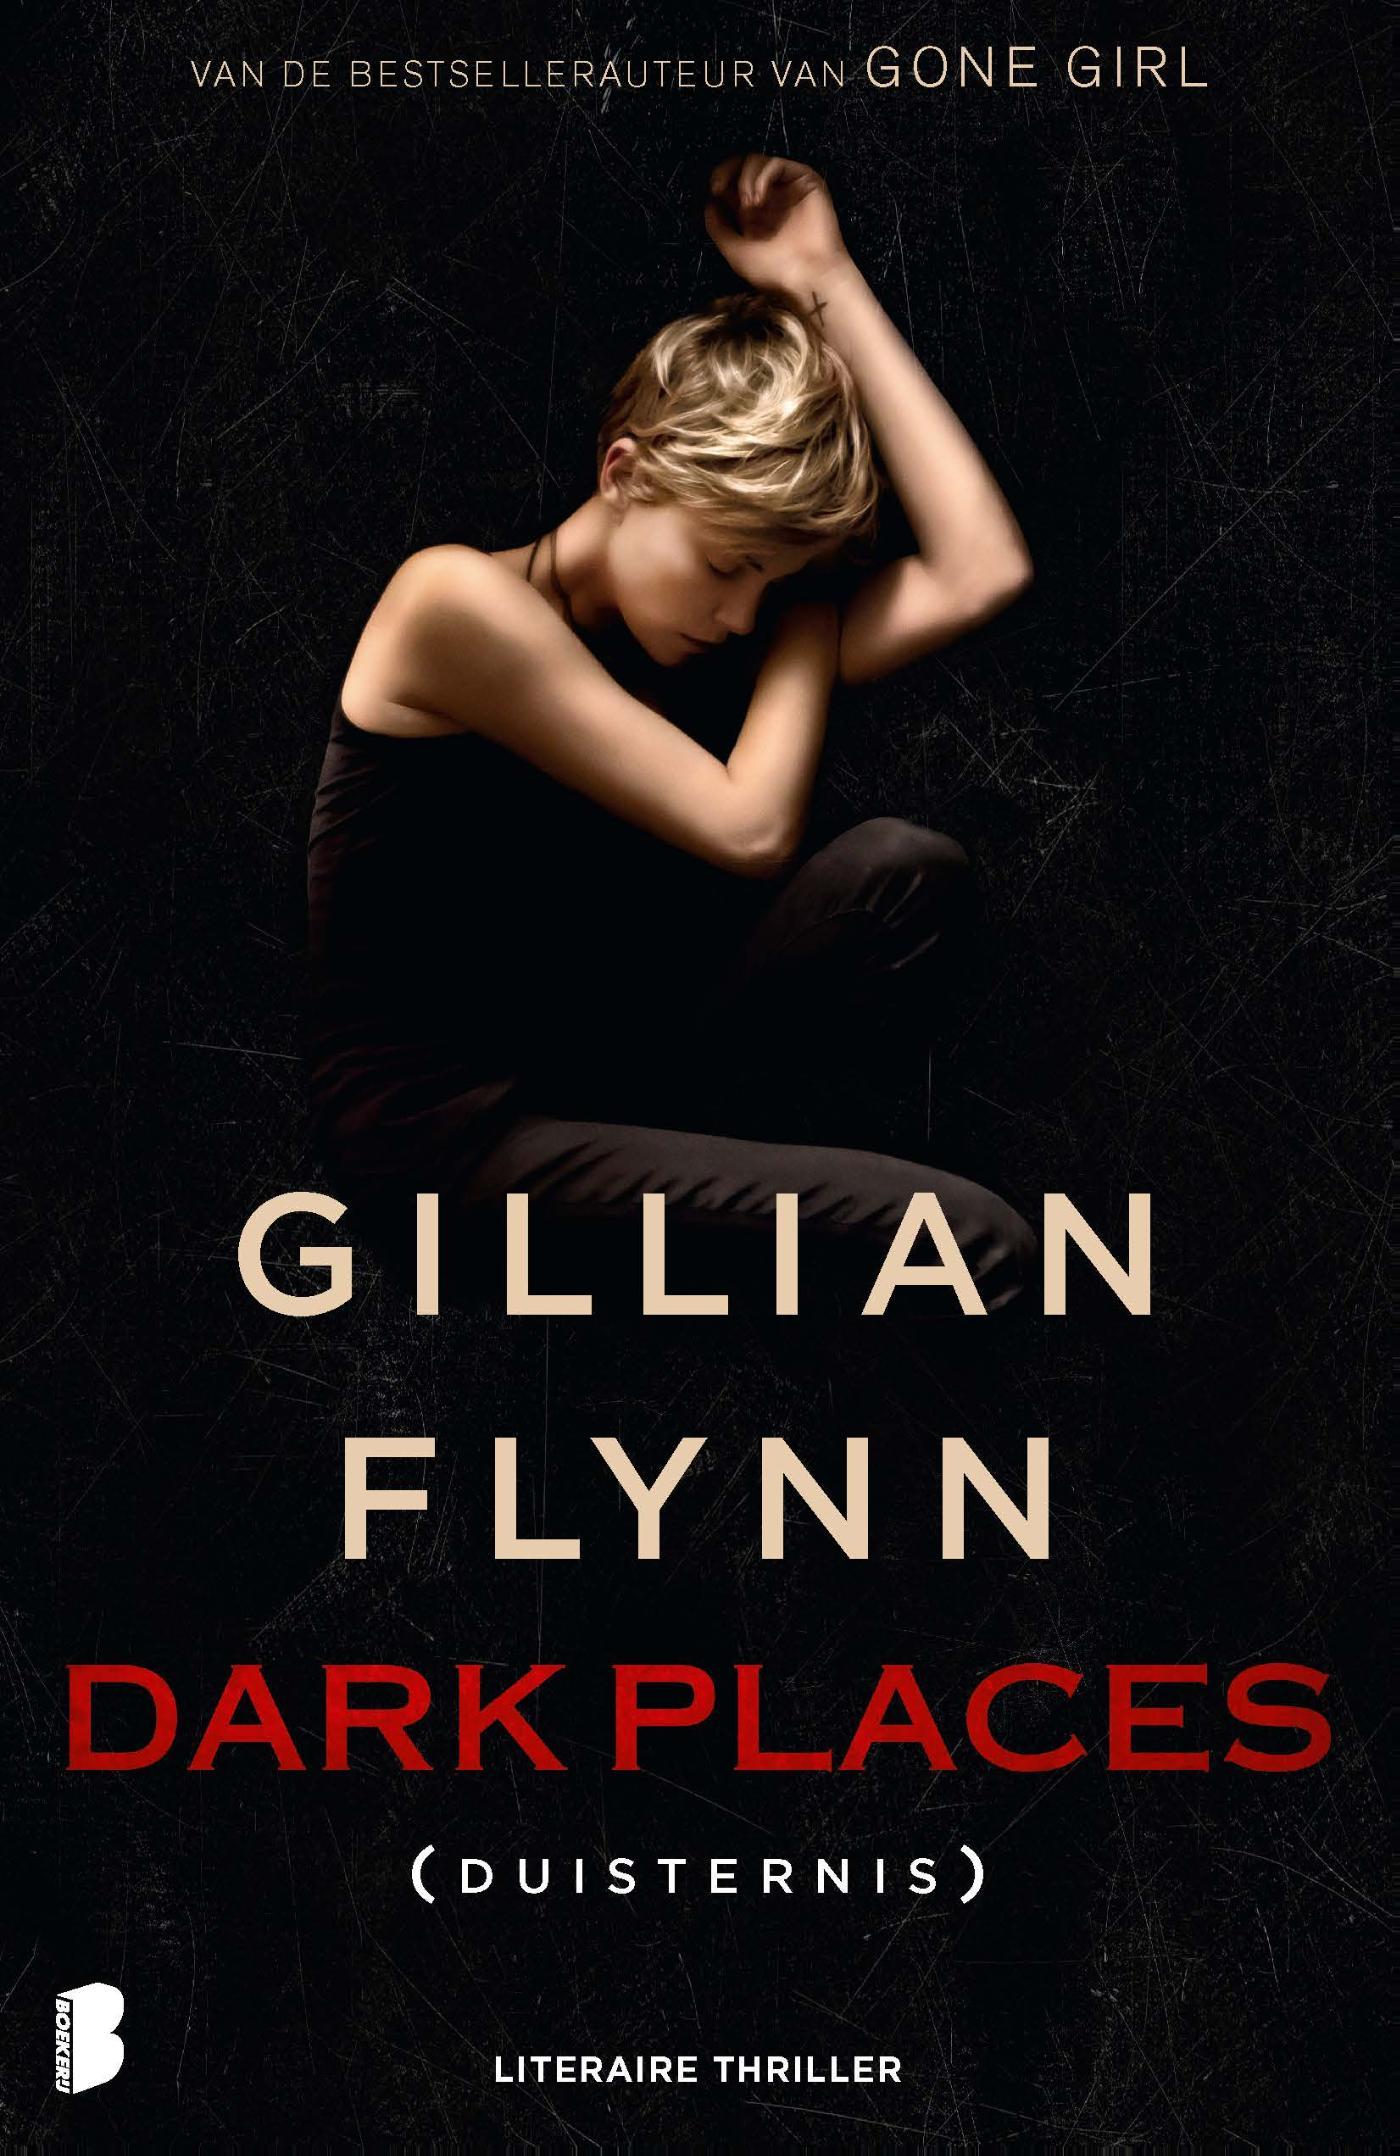 Dark places (Ebook)